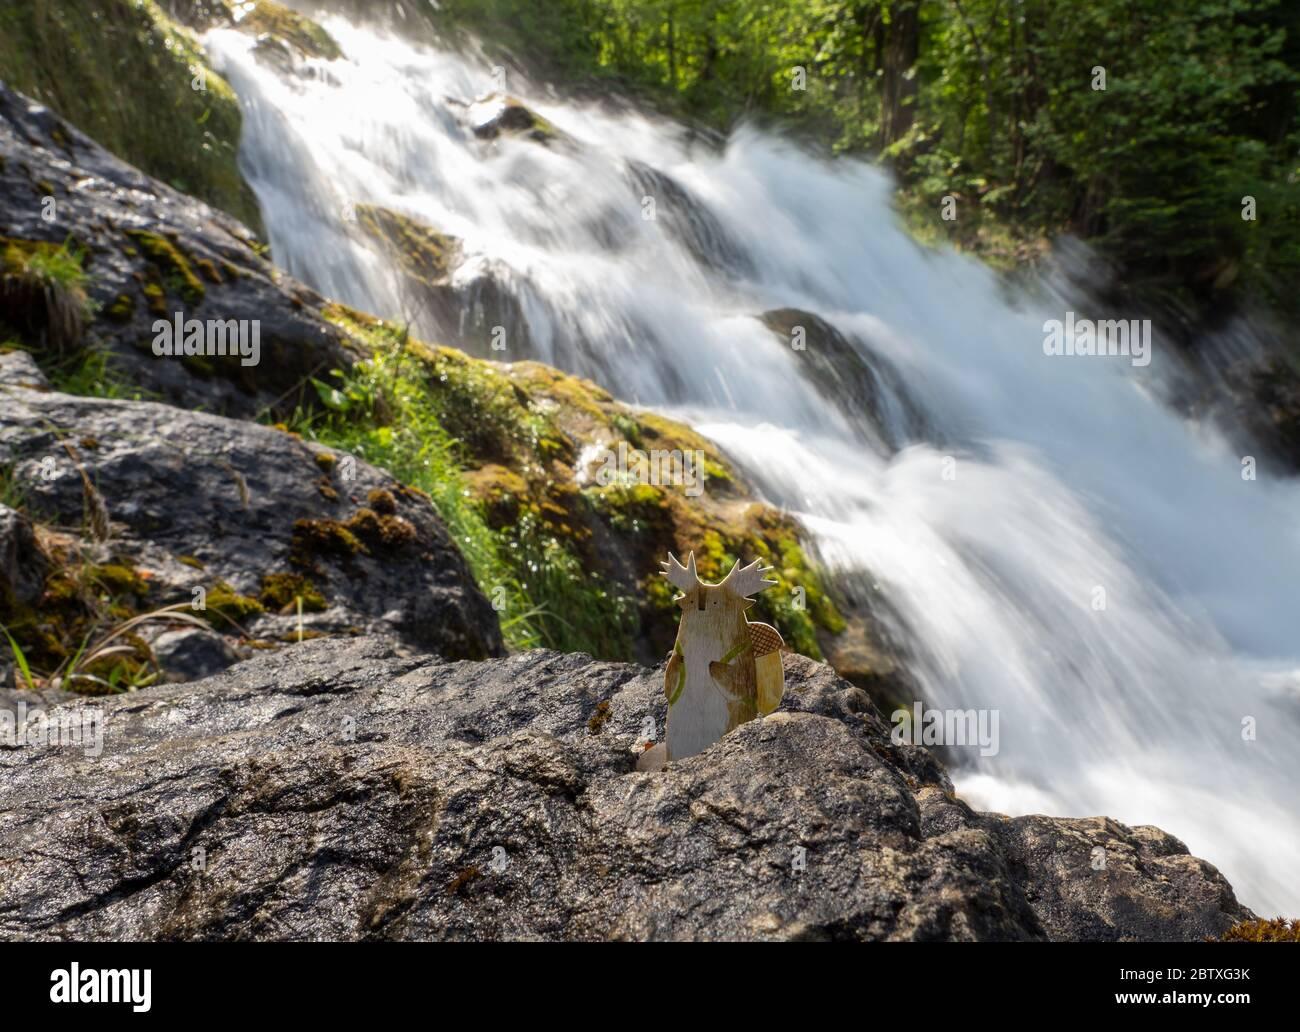 Tukoni at the Giessbach waterfalls, Switzerland Stock Photo